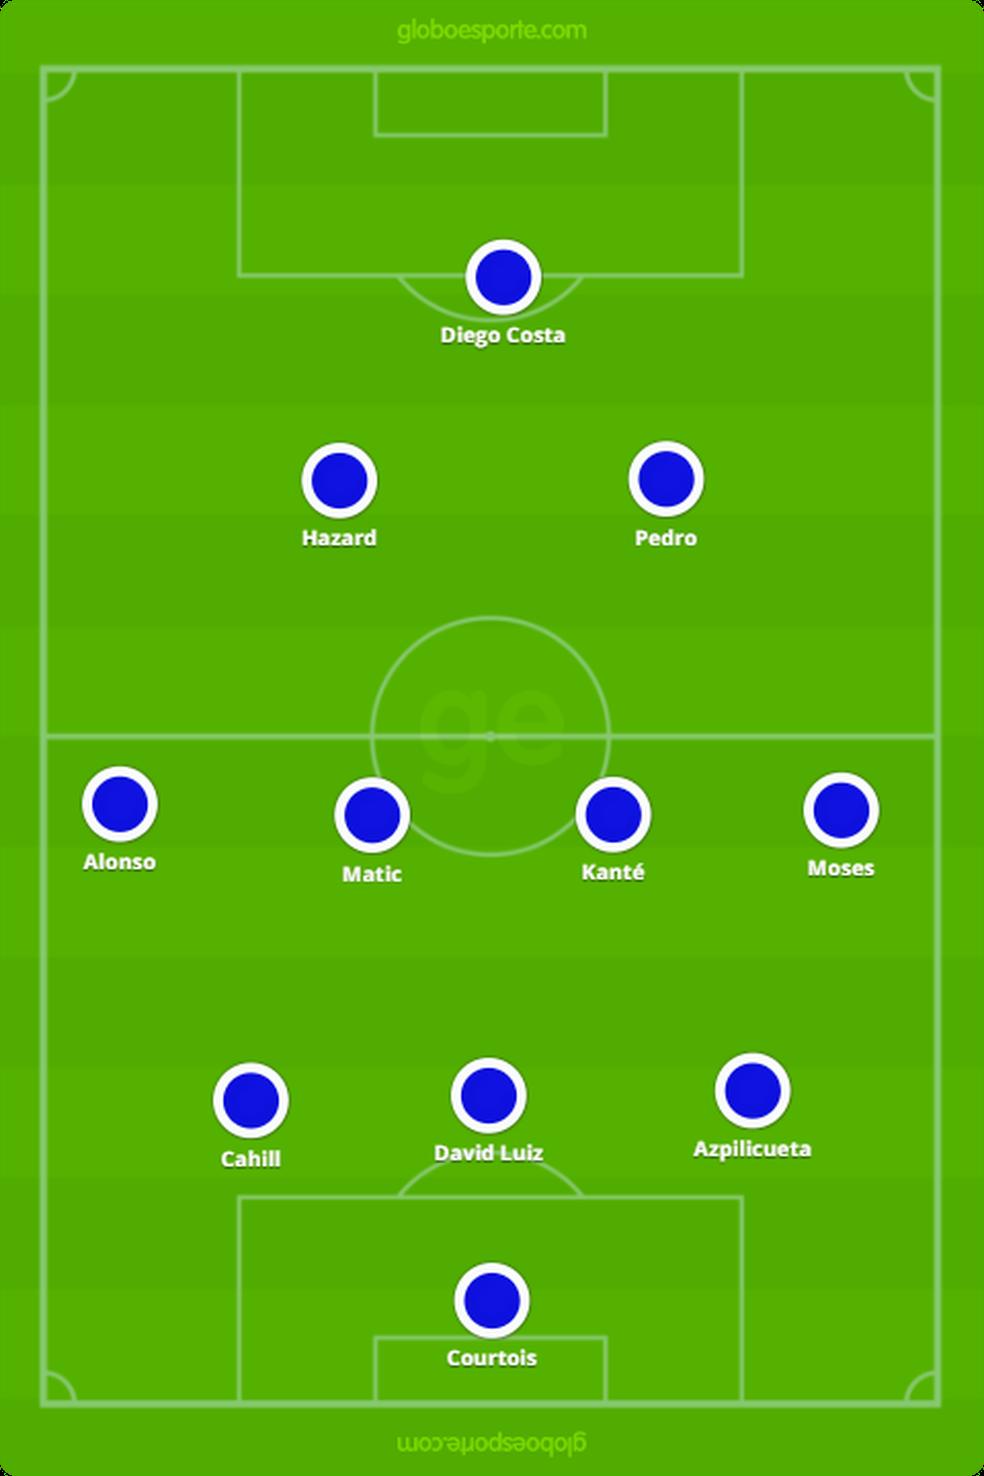 Formação do Chelsea campeão inglês em 2016/2017: três zagueiros e Moses, um atacante, como ala (Foto: GloboEsporte.com)